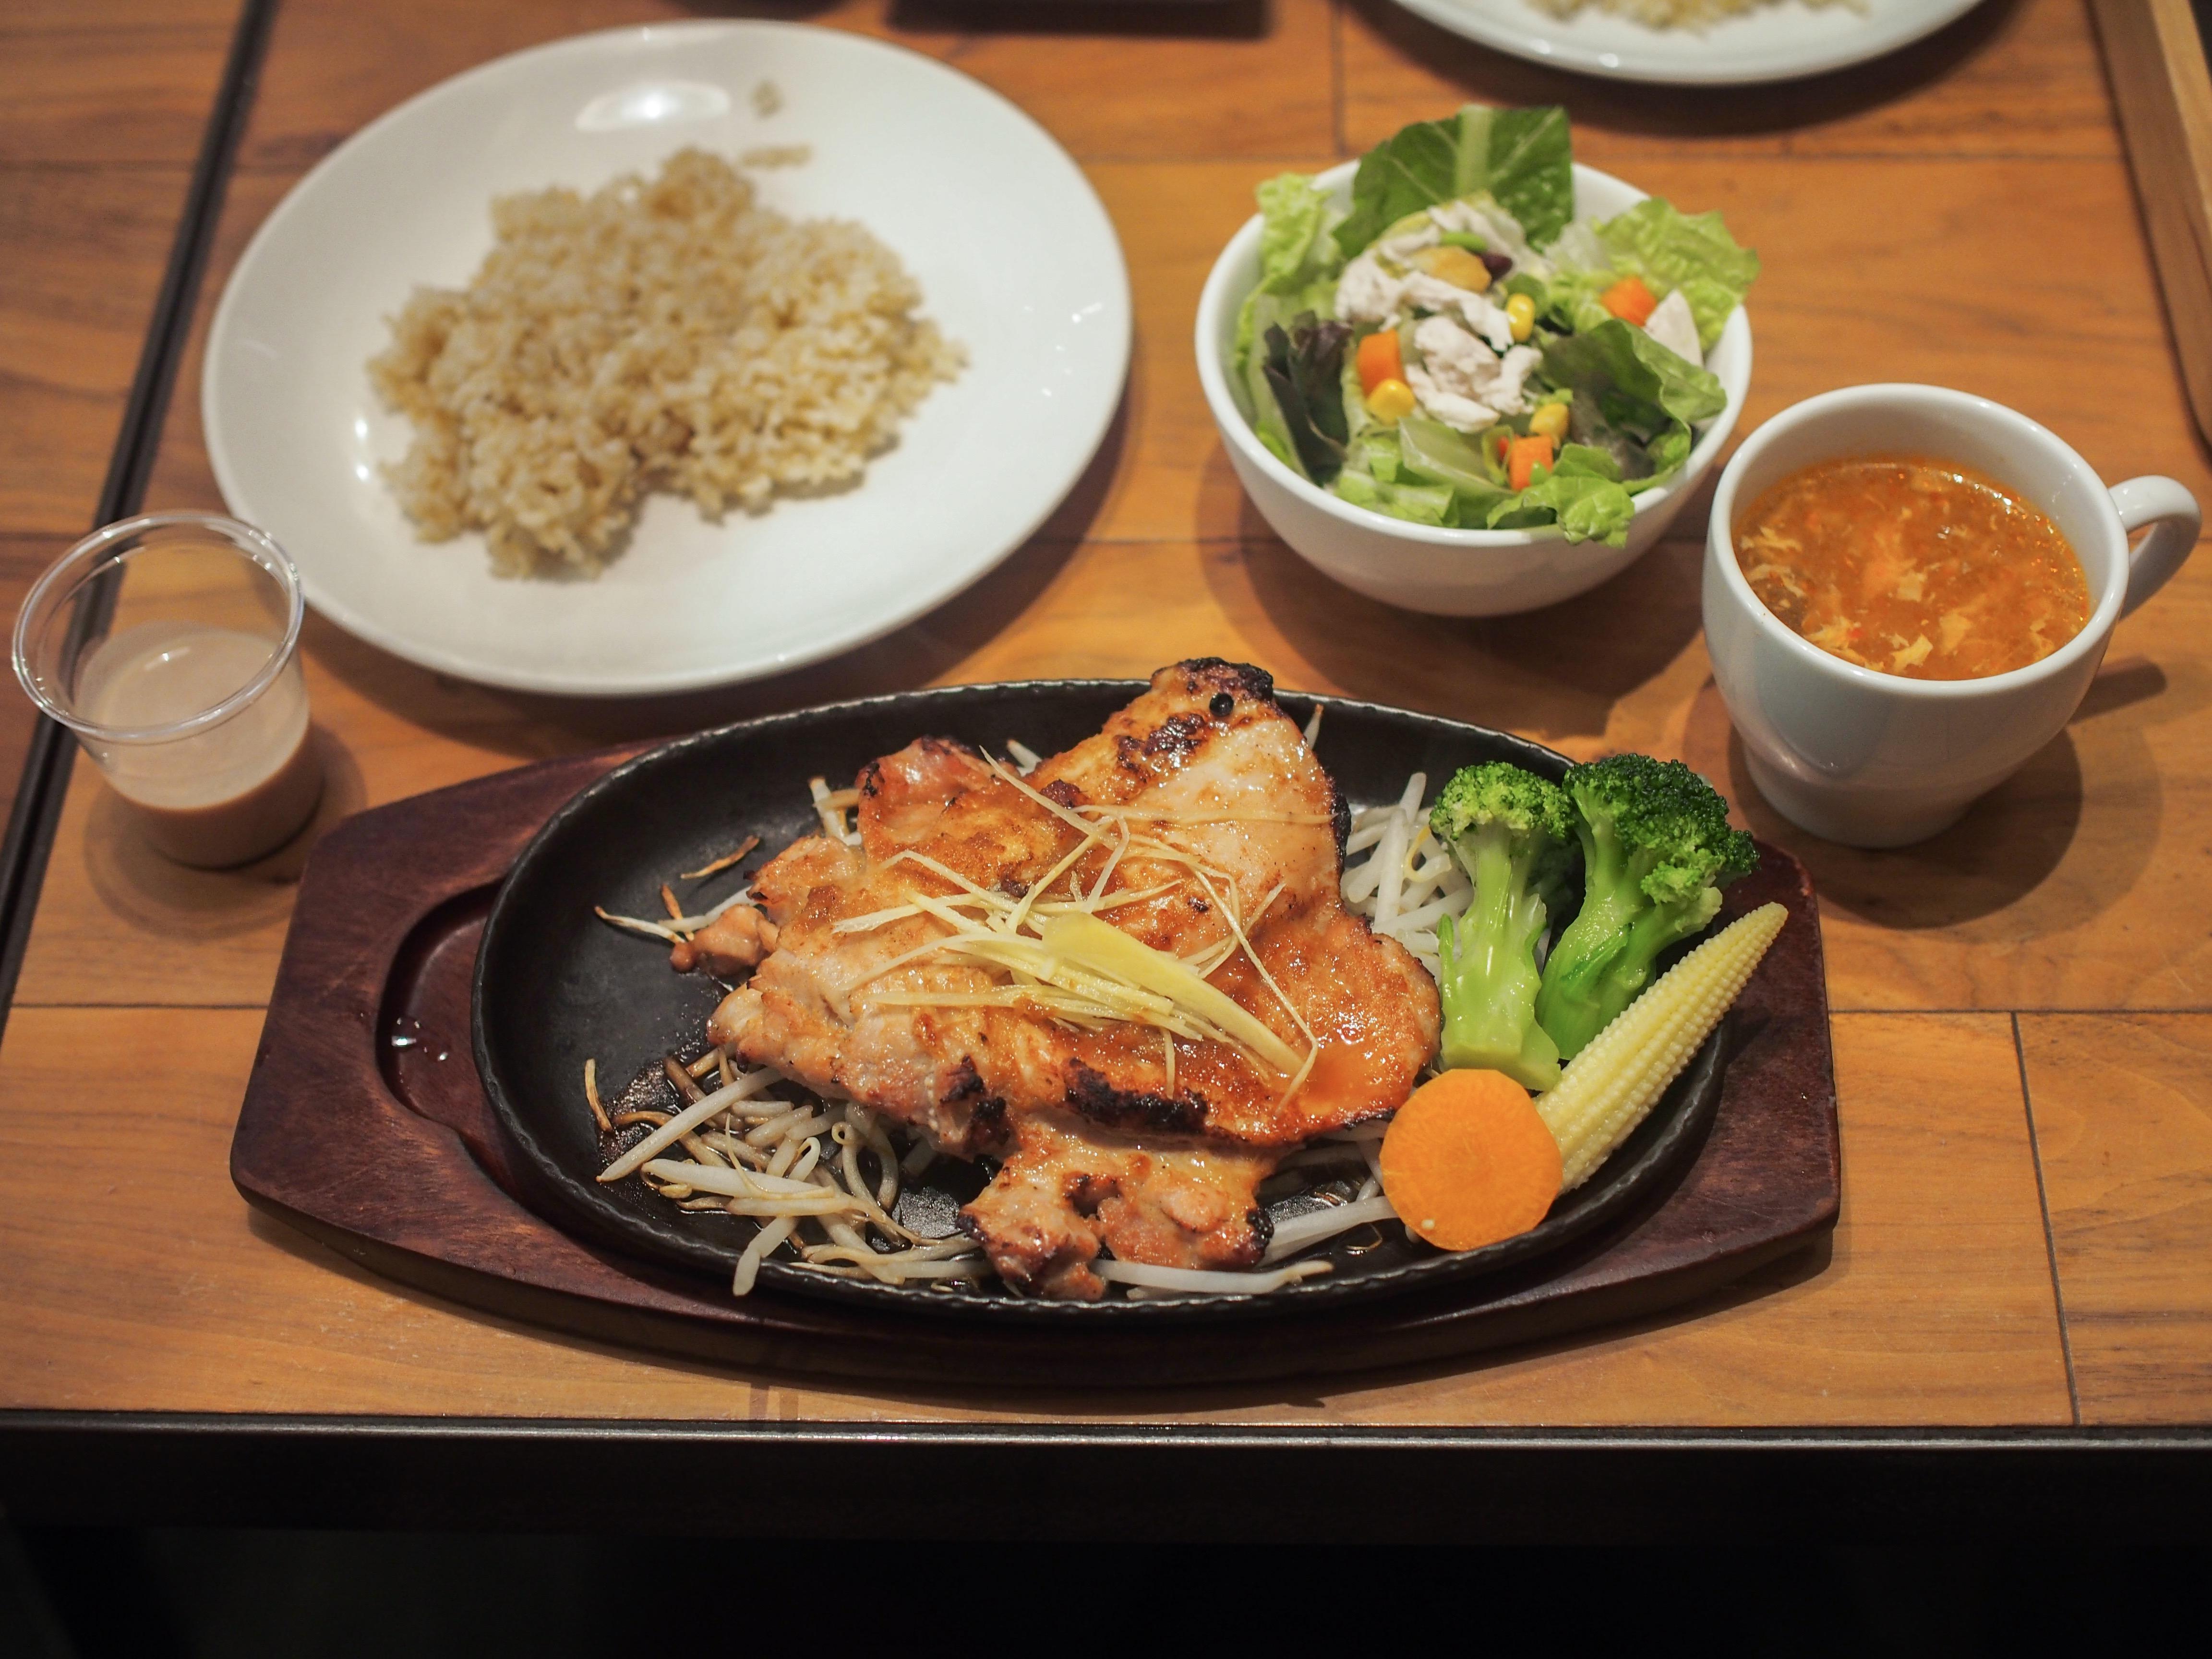 【六本木】高たんぱく質な食事が味わえる「筋肉食堂」に行ってみた